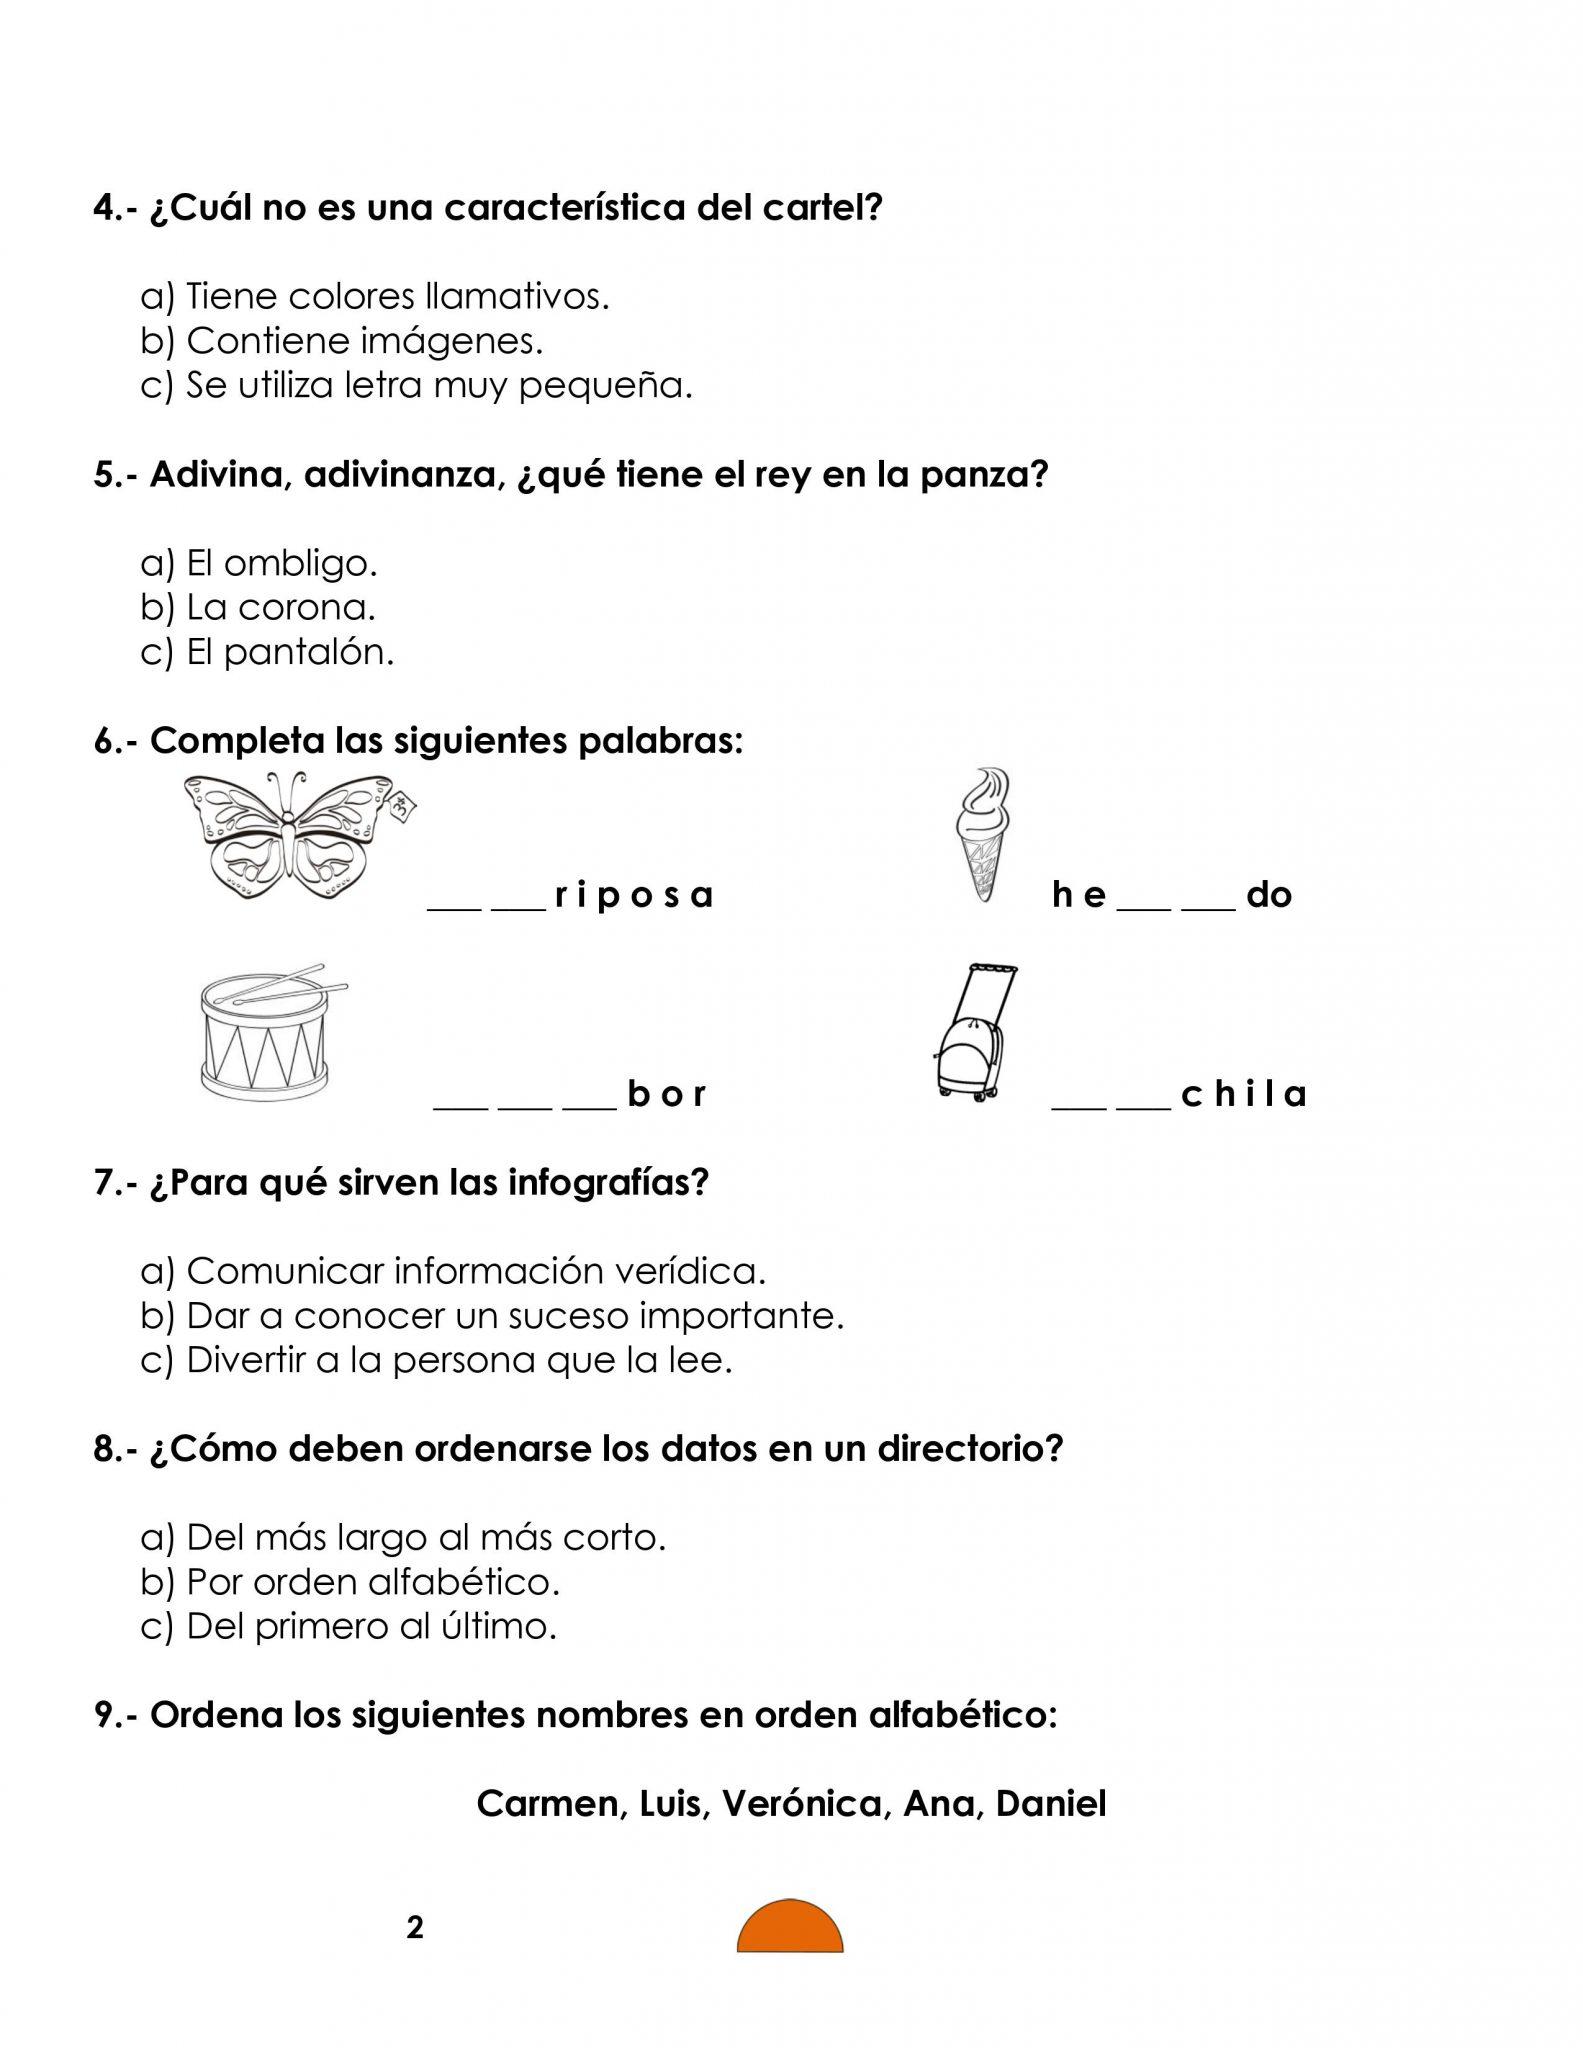 Ejemplo examen 1er grado 02